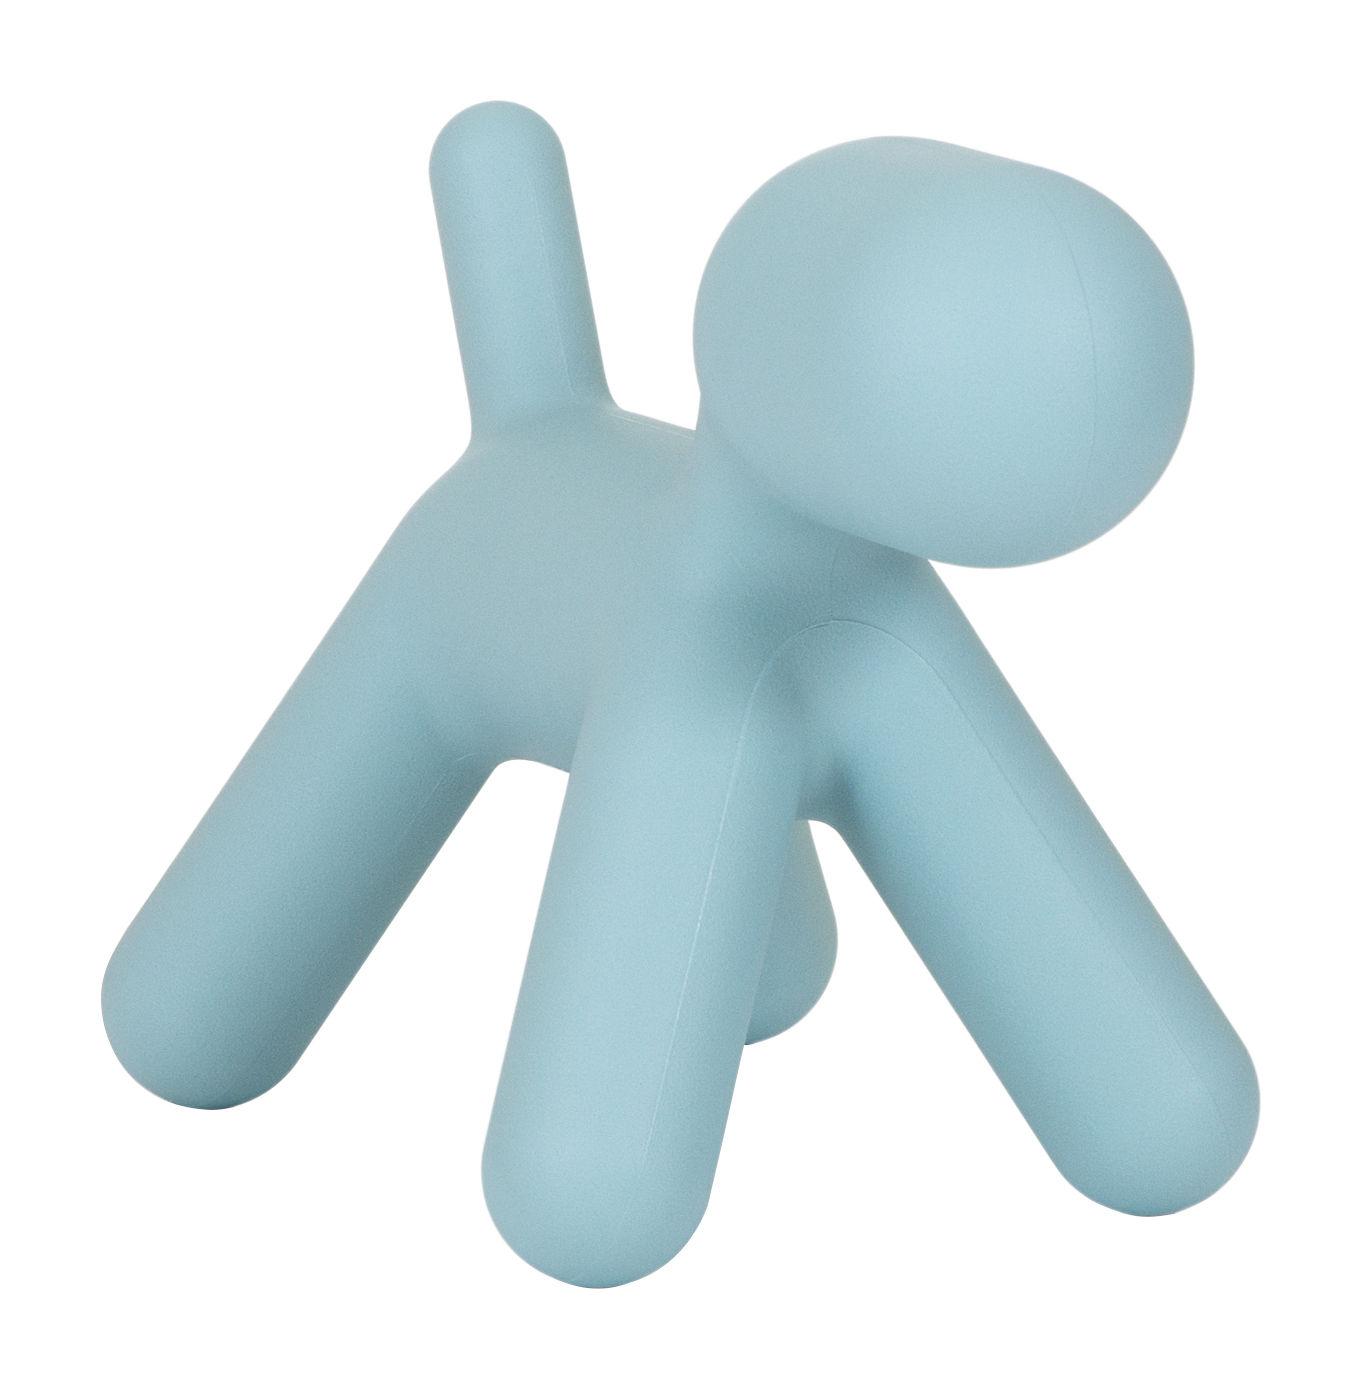 Mobilier - Mobilier Kids - Décoration Puppy Medium / L 56 cm - Magis Collection Me Too - Turquoise mat - Polyéthylène rotomoulé